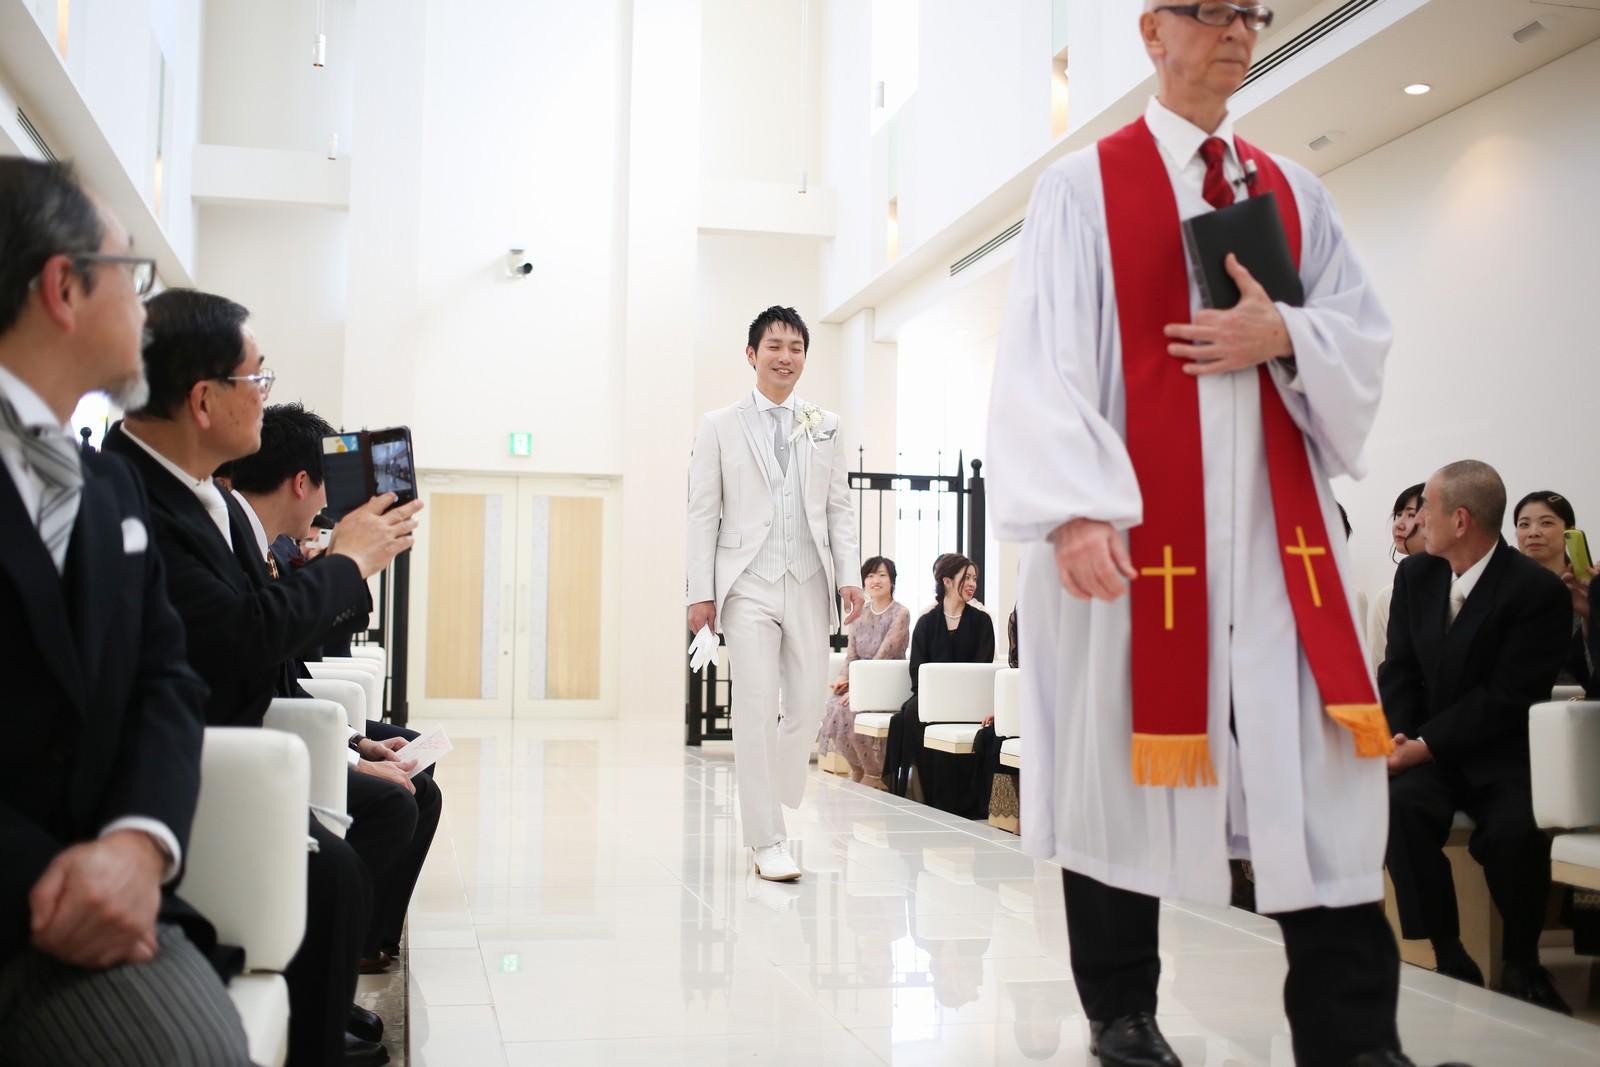 徳島市の結婚式場ブランアンジュで外国人牧師とチャペル入場する新郎